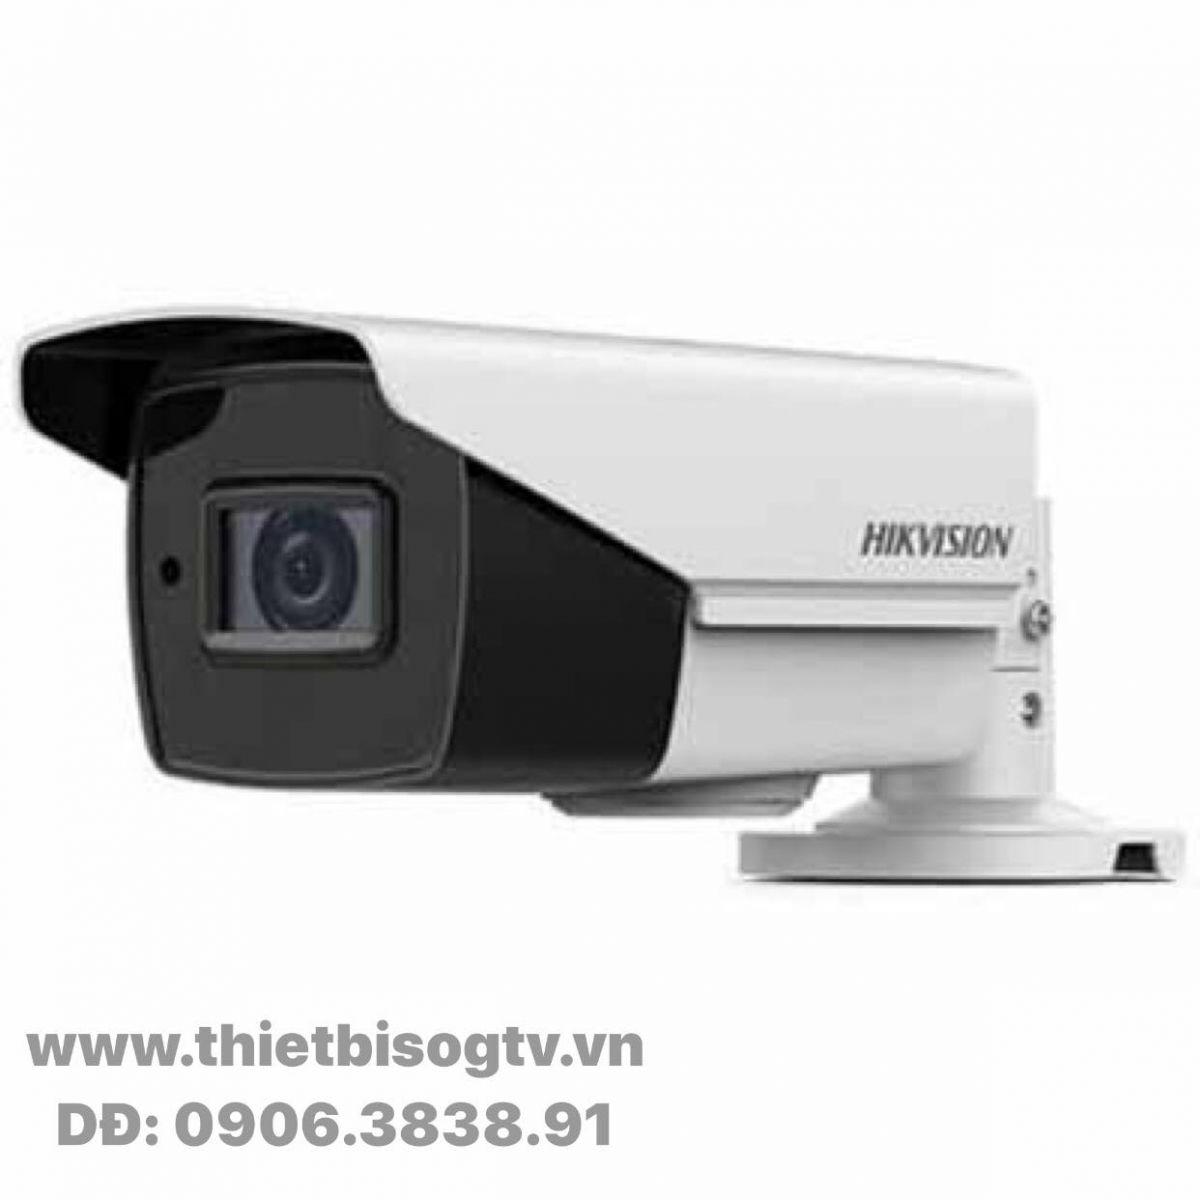 camera hikvision tvi thân ds-2ce16h8t-it5 (f)